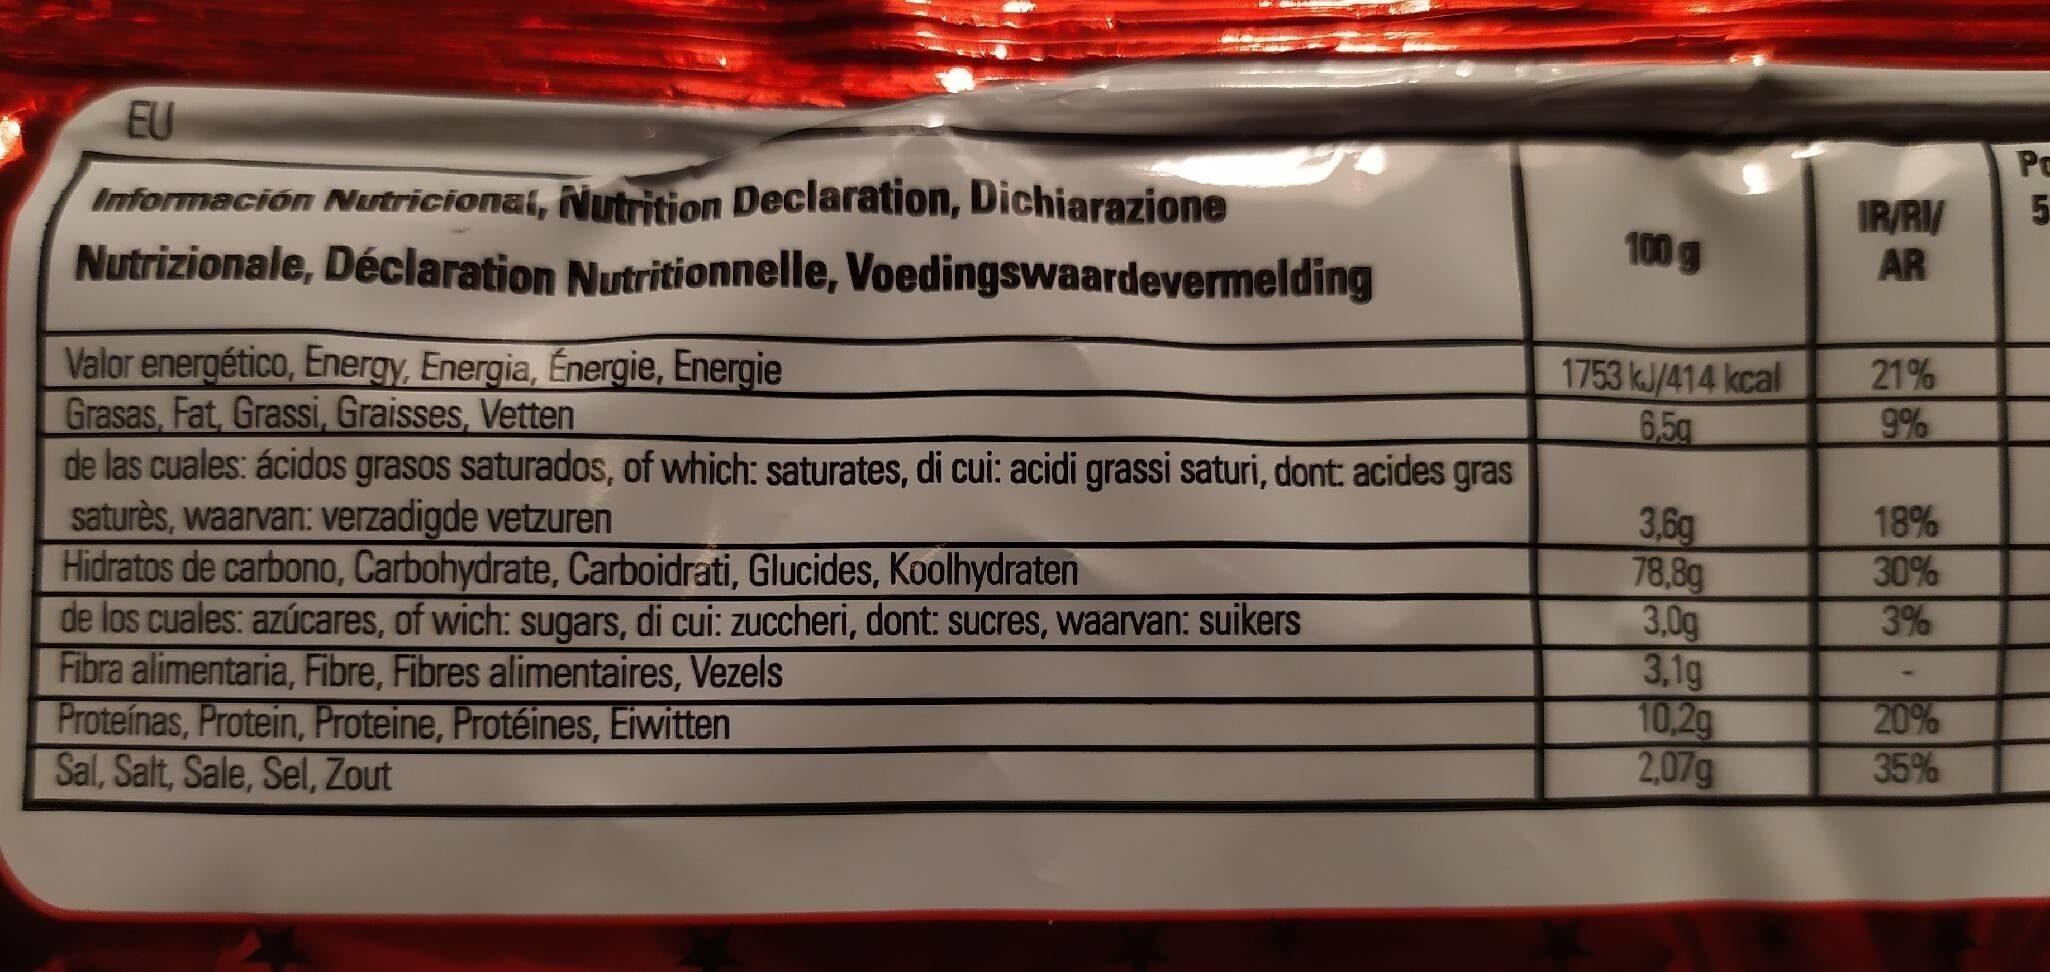 Saltin noel - Información nutricional - es